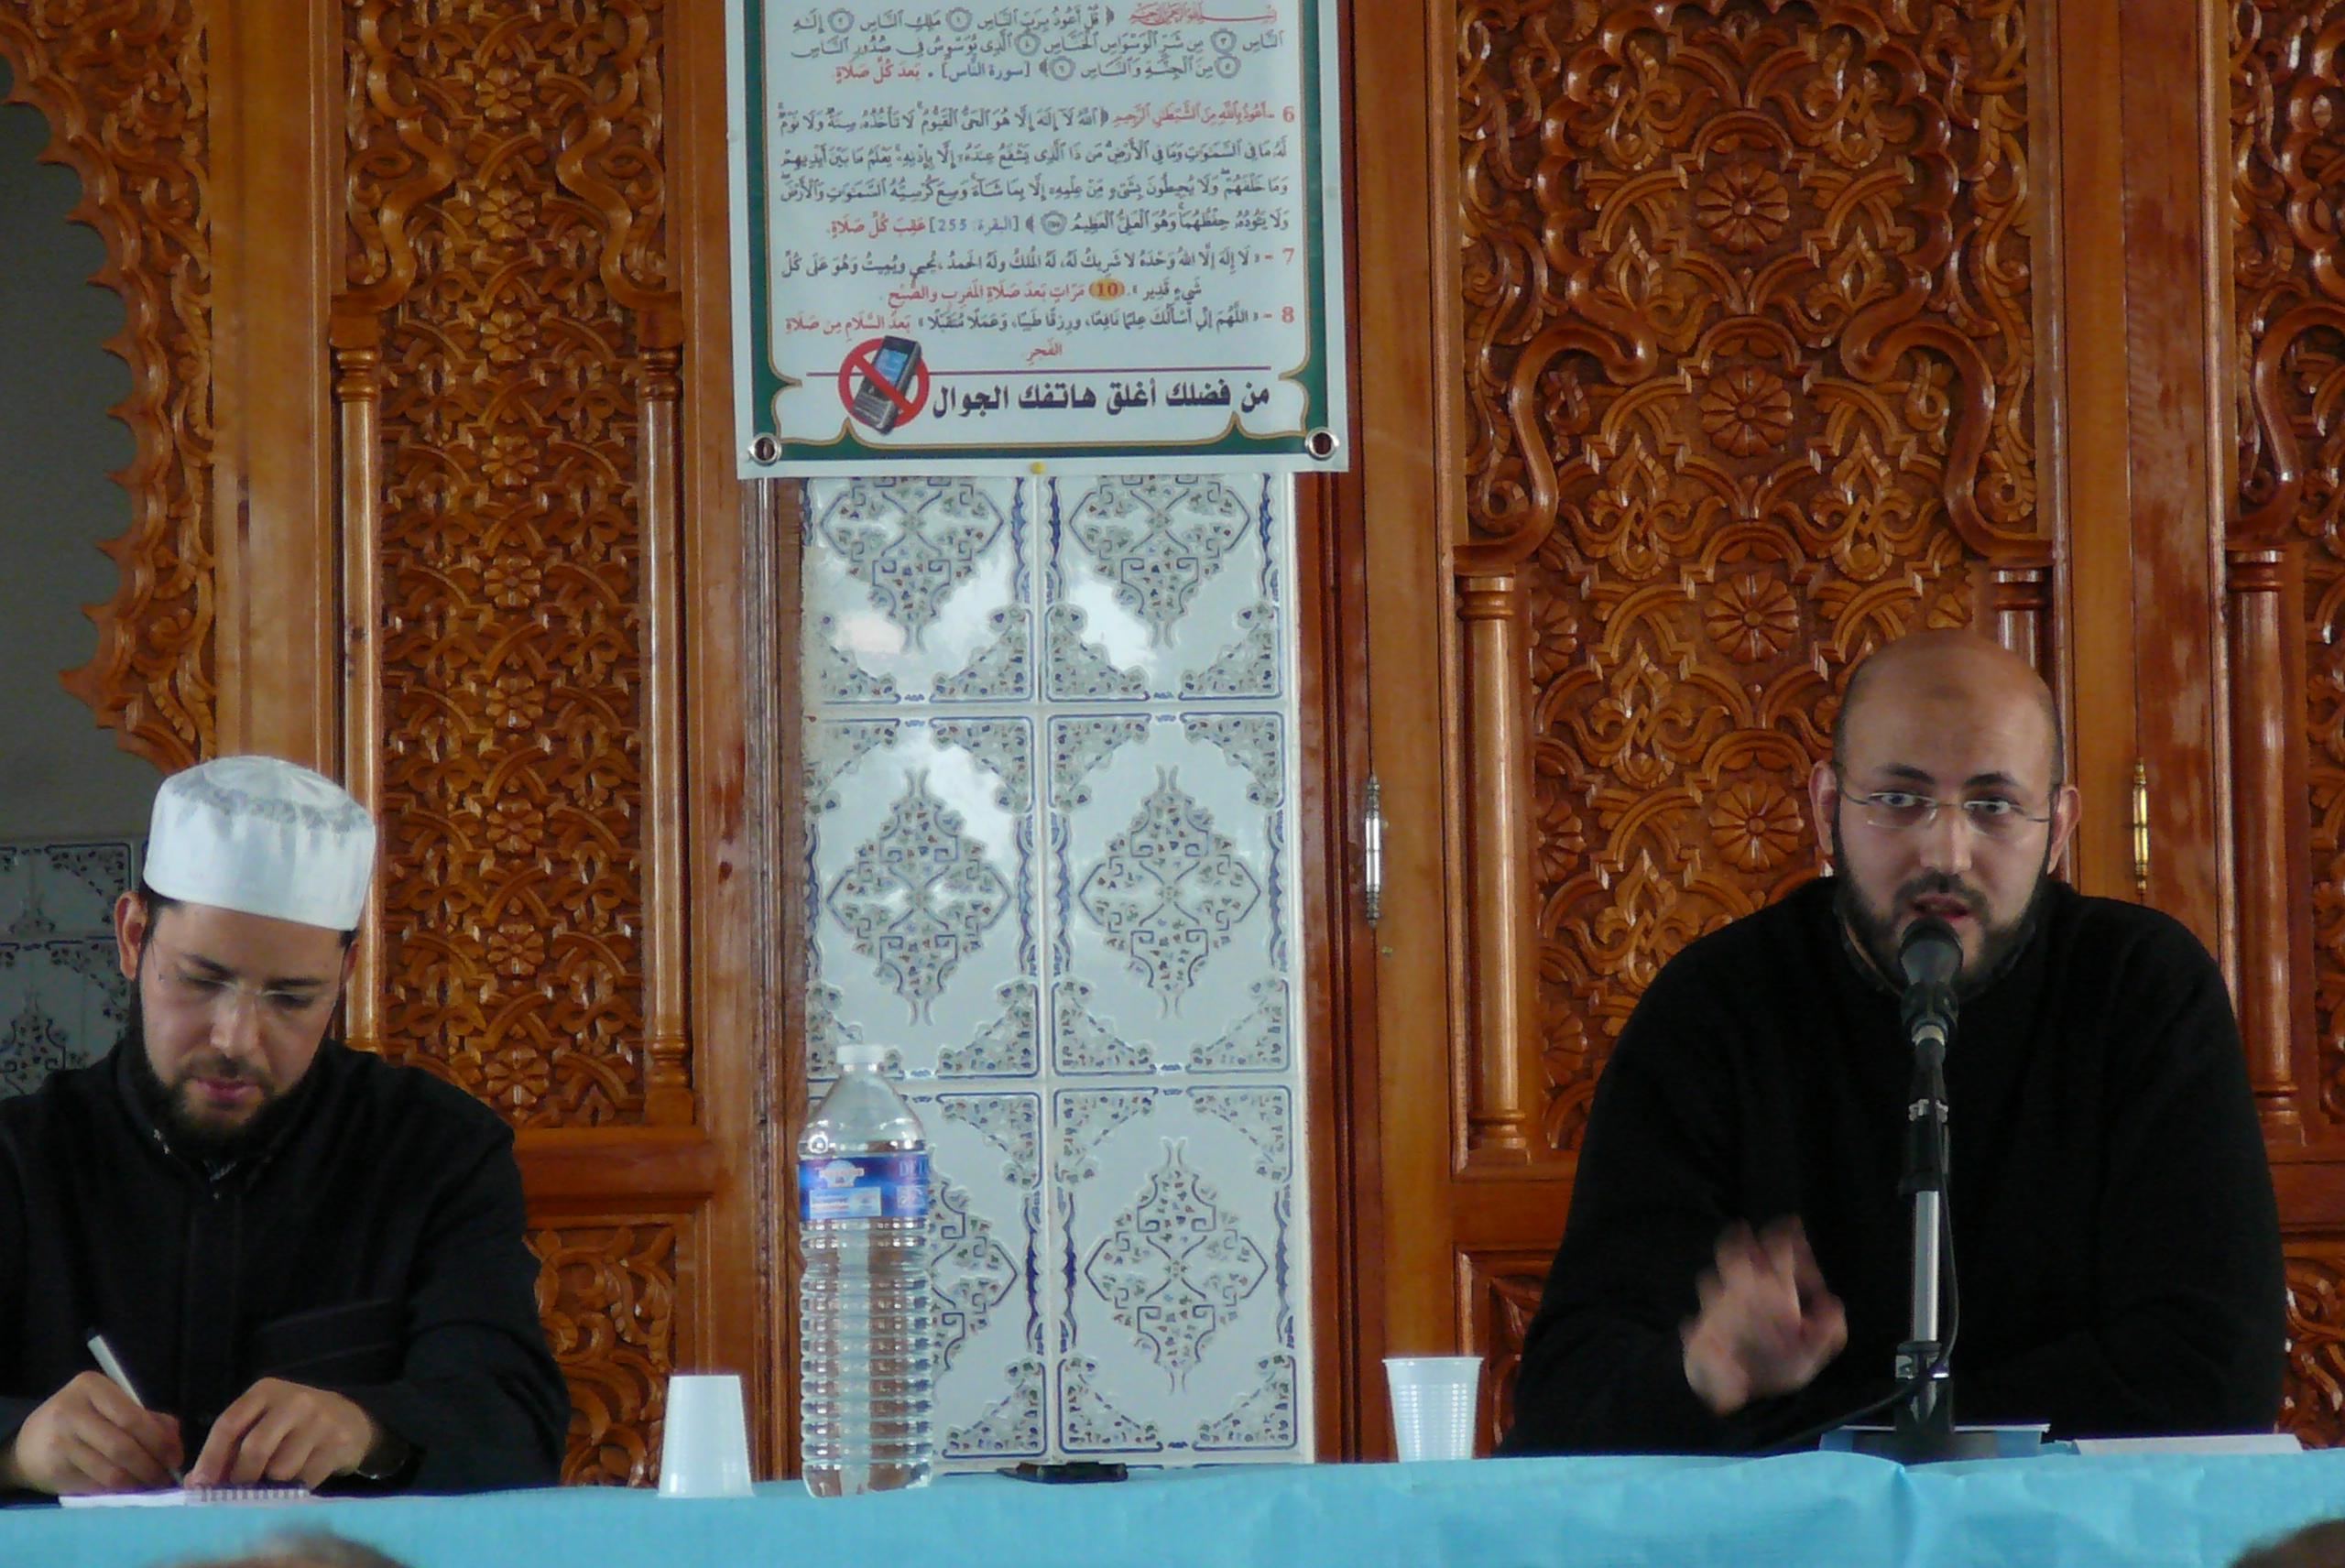 Chilehalal participa : Conferencia sobre Halal – Por Fethallah Otmani (Associación a Vuestro Servicio E.U) – Mezquita El Mohsinine – Bourg en Bresse -Francia  Domingo, 11 de noviembre a 13:30